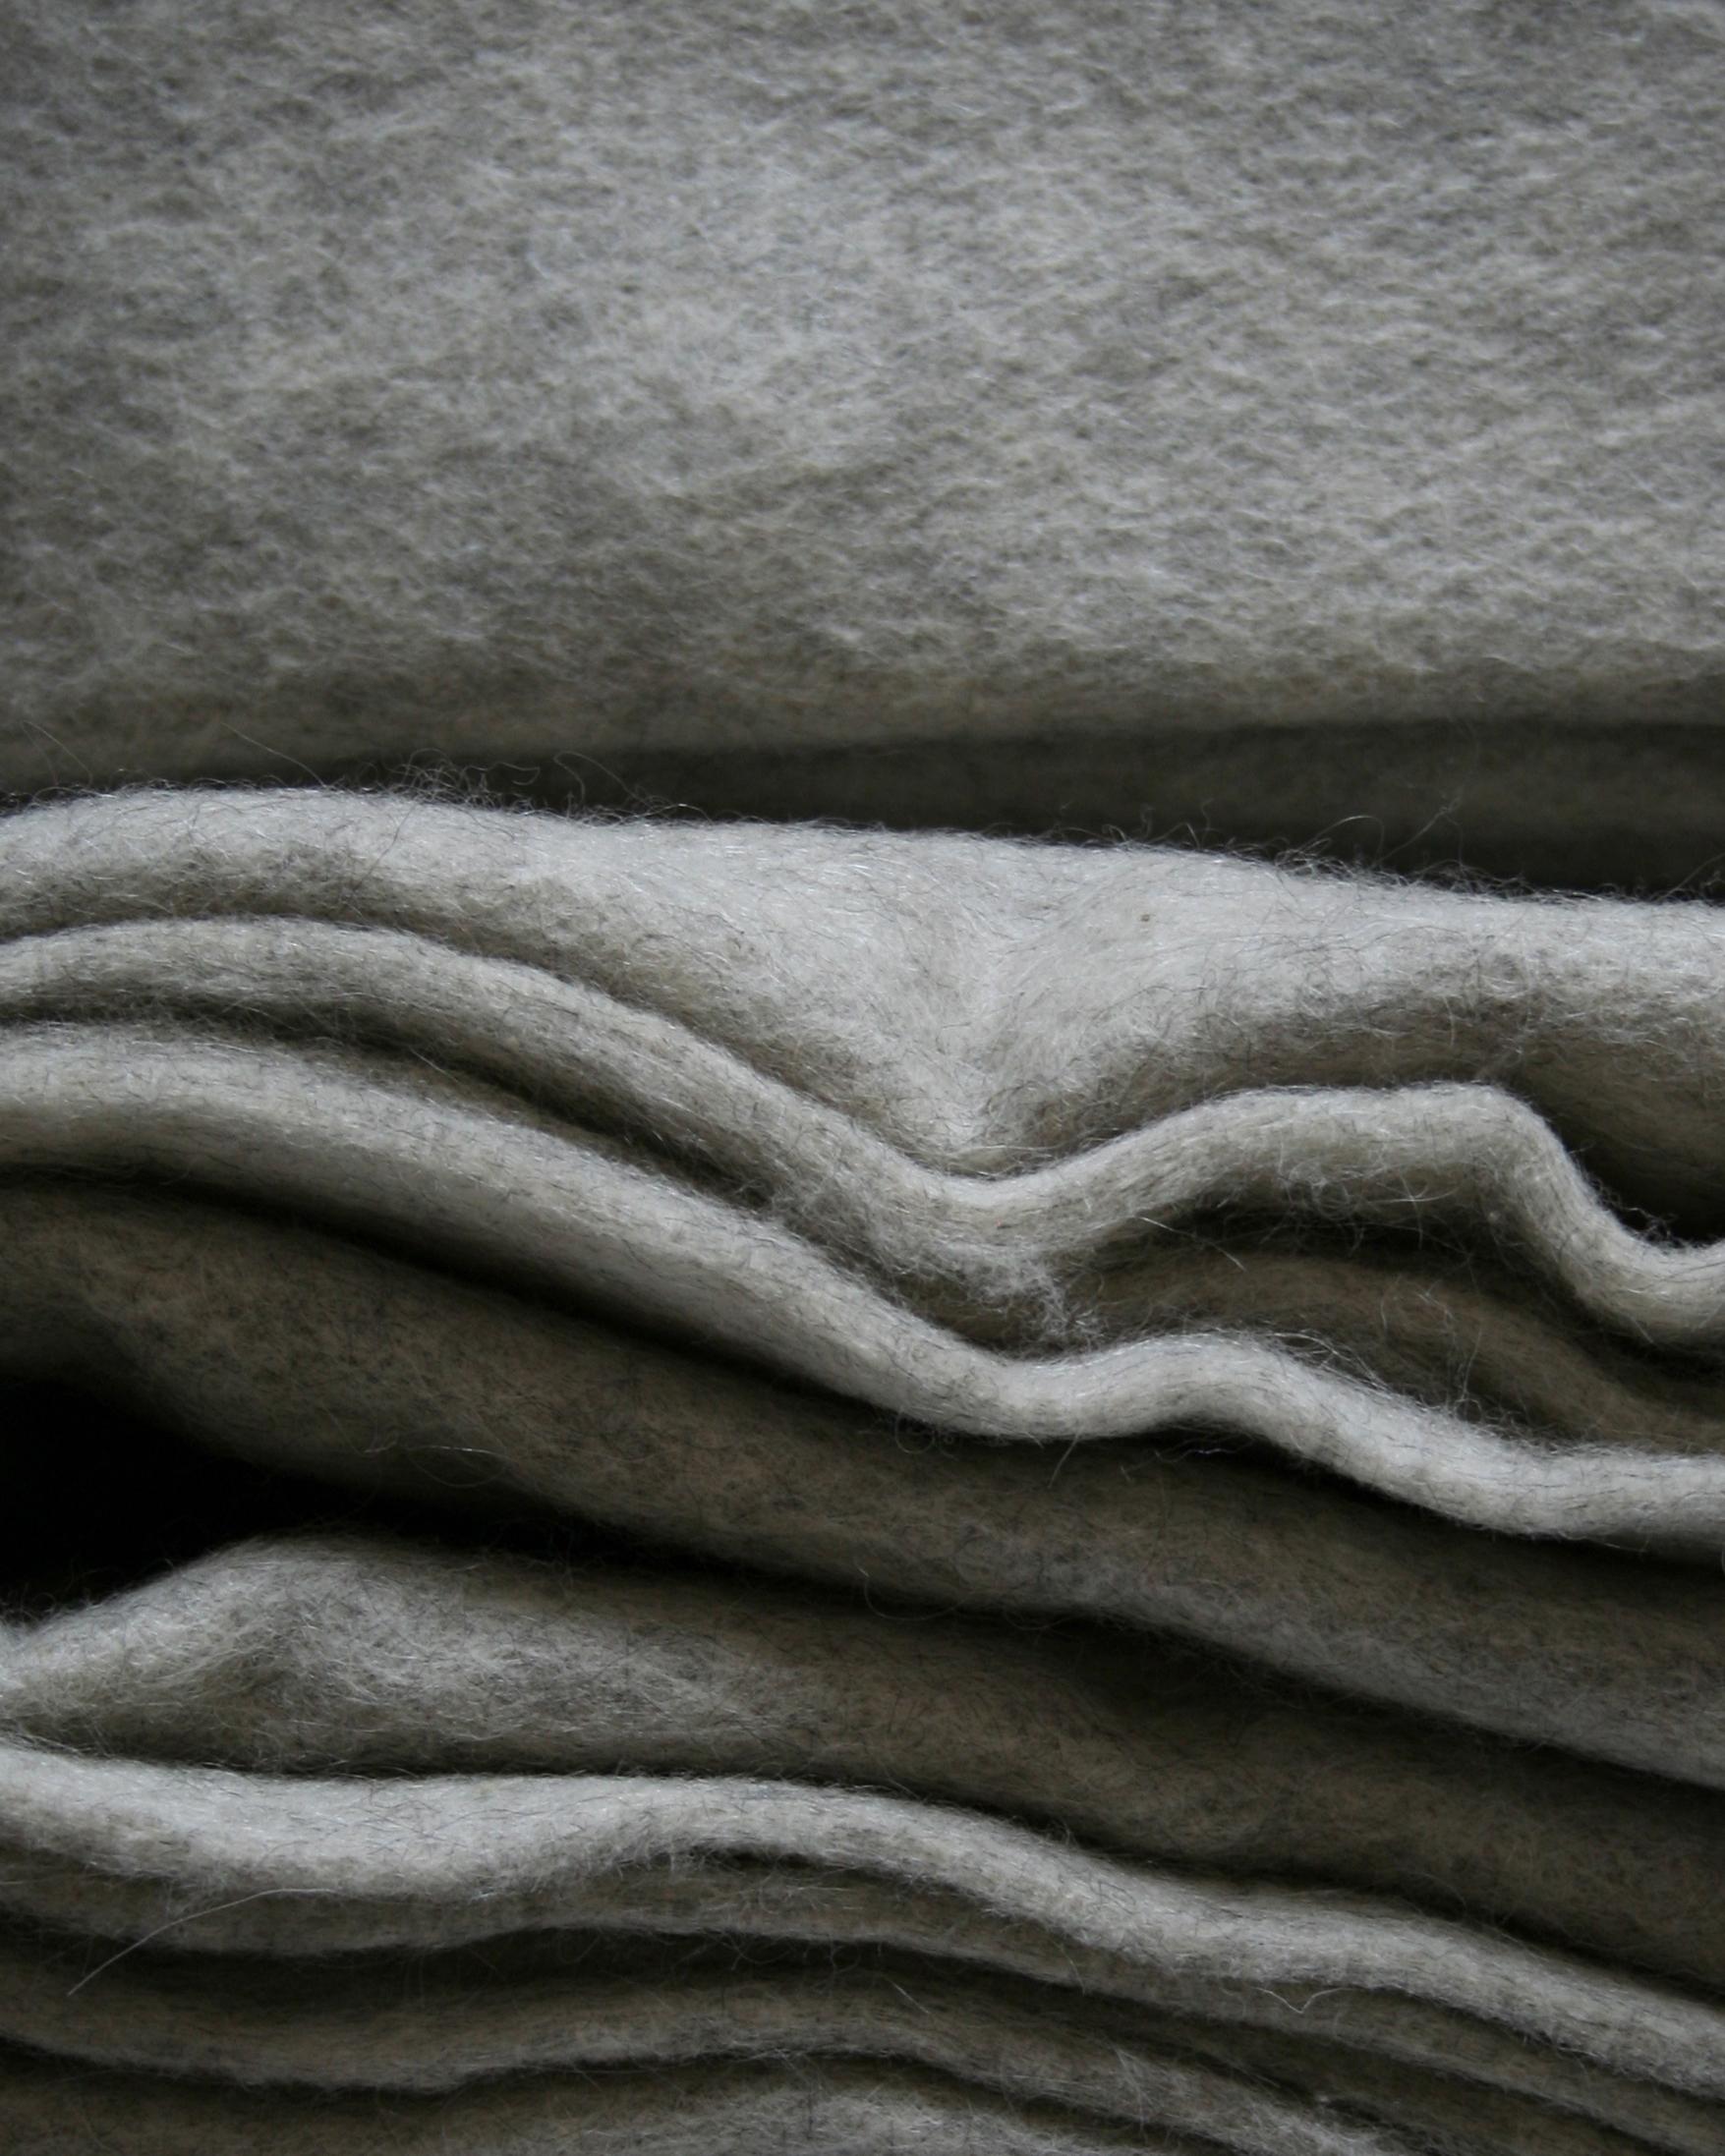 Filtmakeriets SVIA ljusgrå. Nålfilt för tovning av 100 % svensk fårull